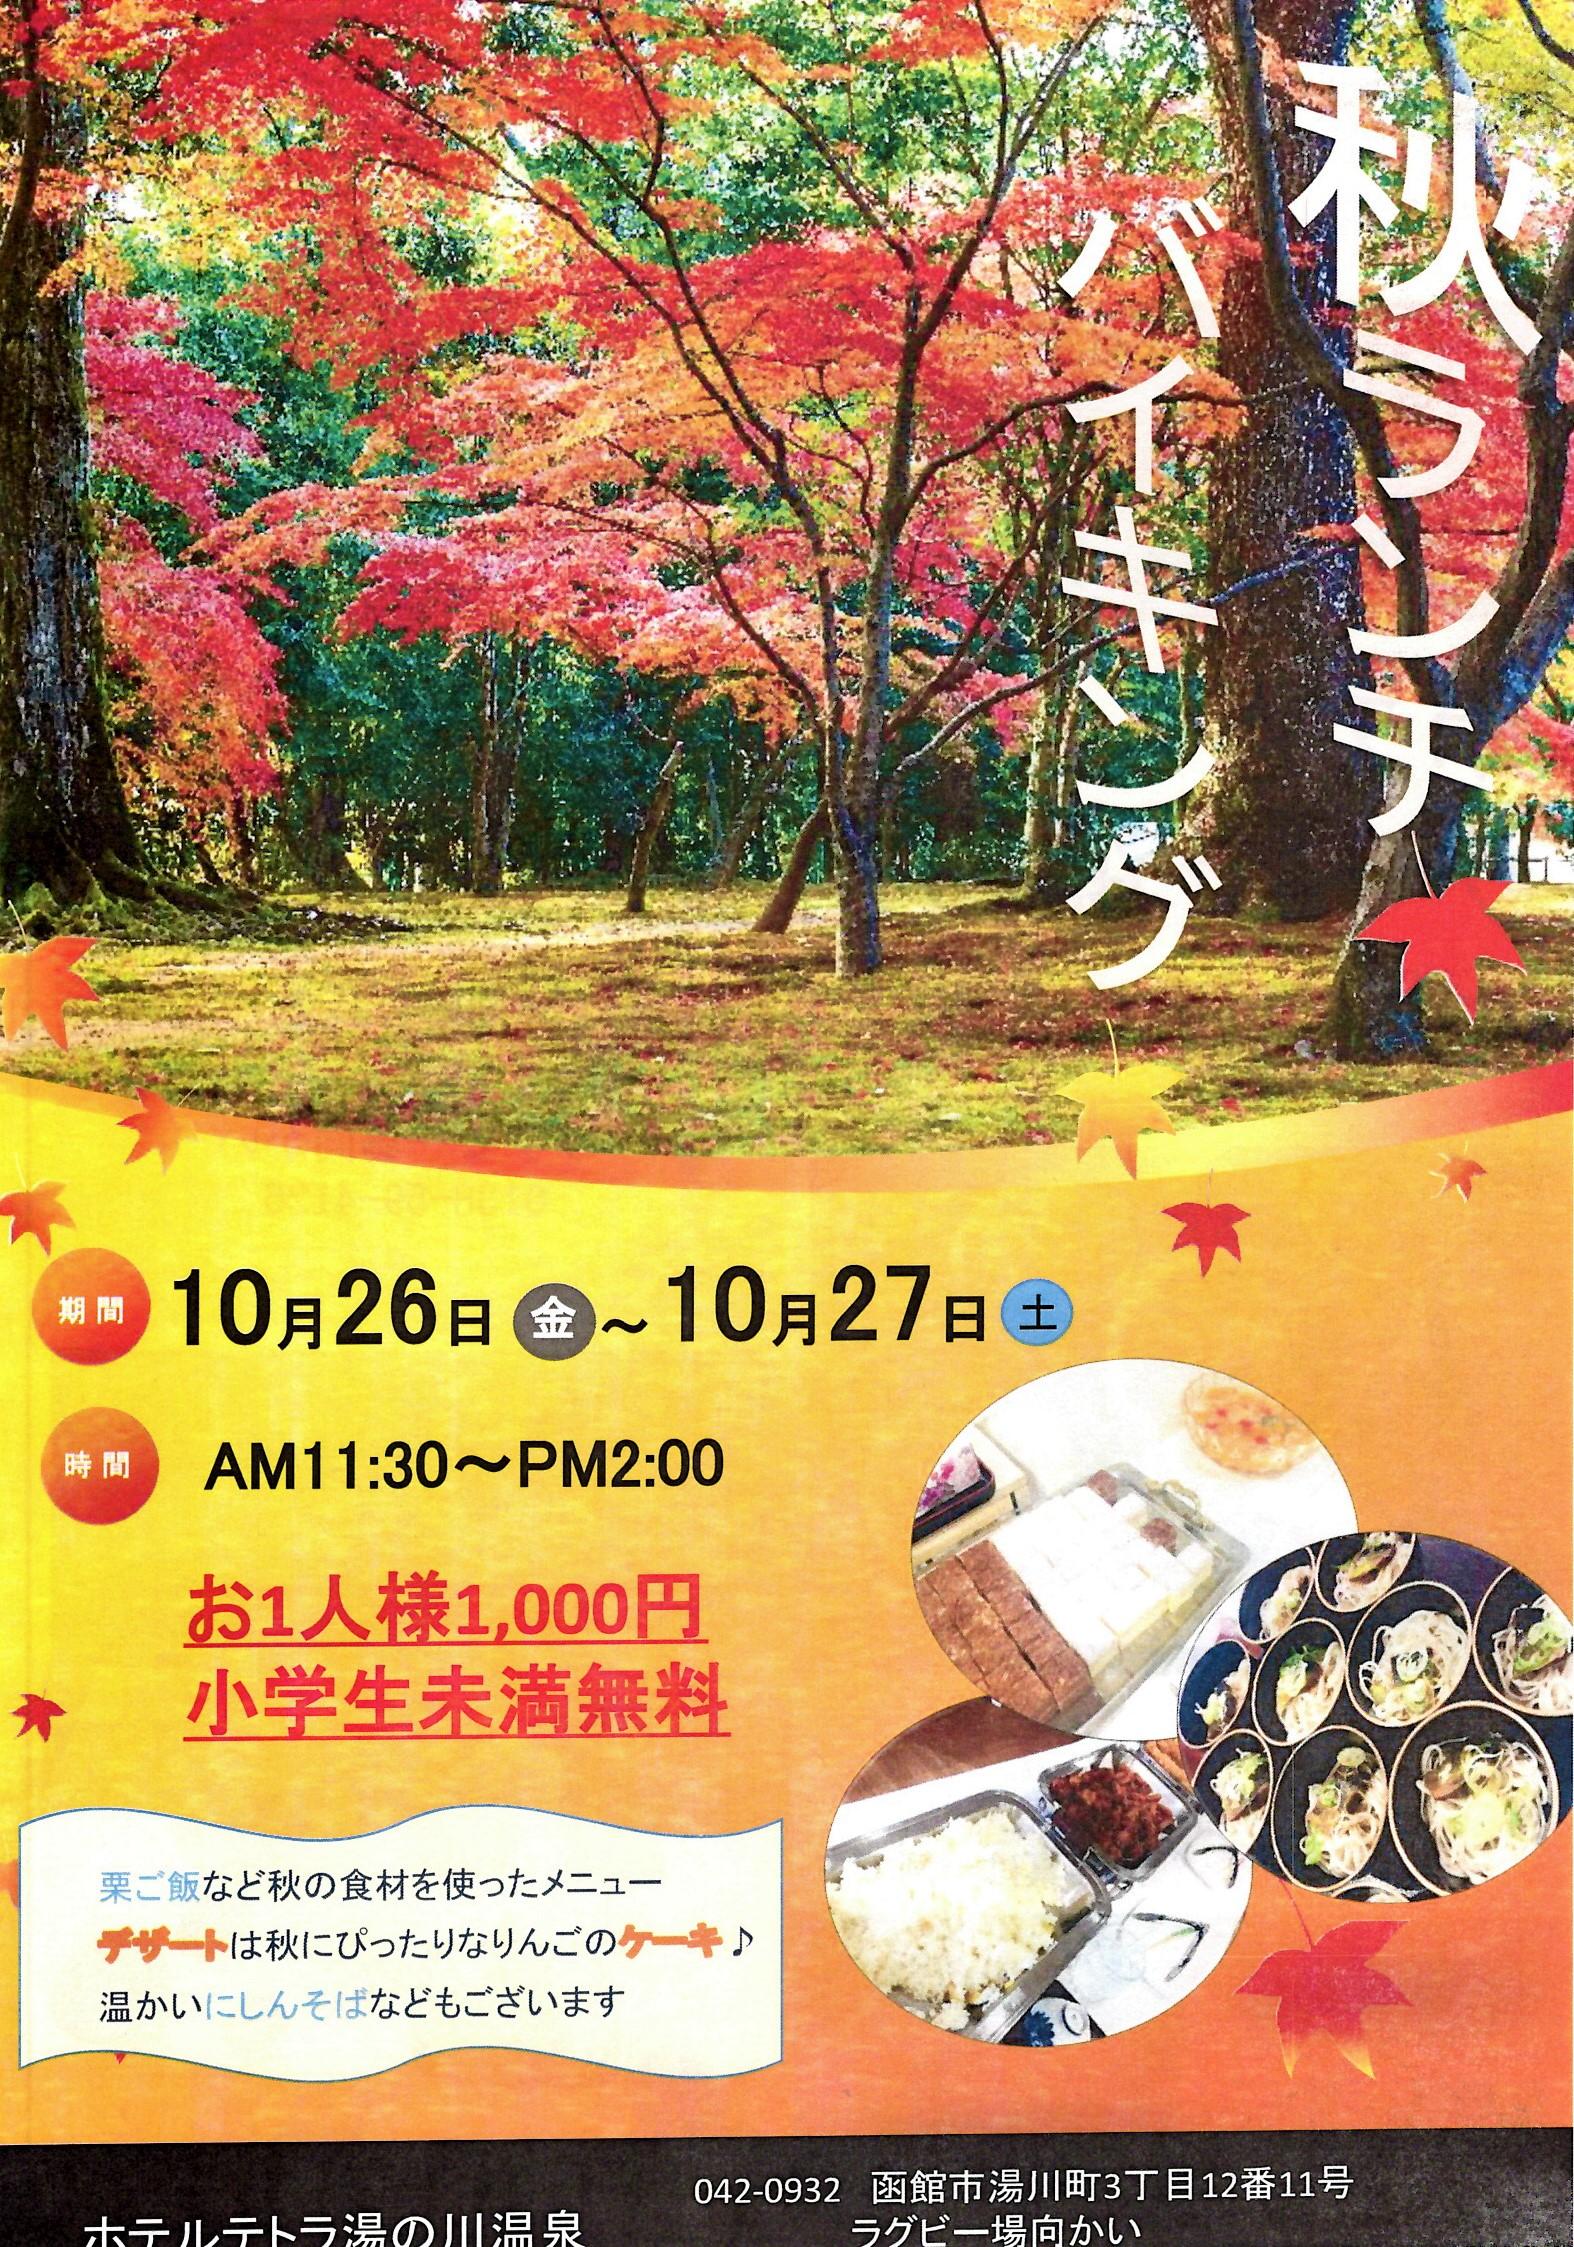 ★☆★秋ランチバイキング★☆★